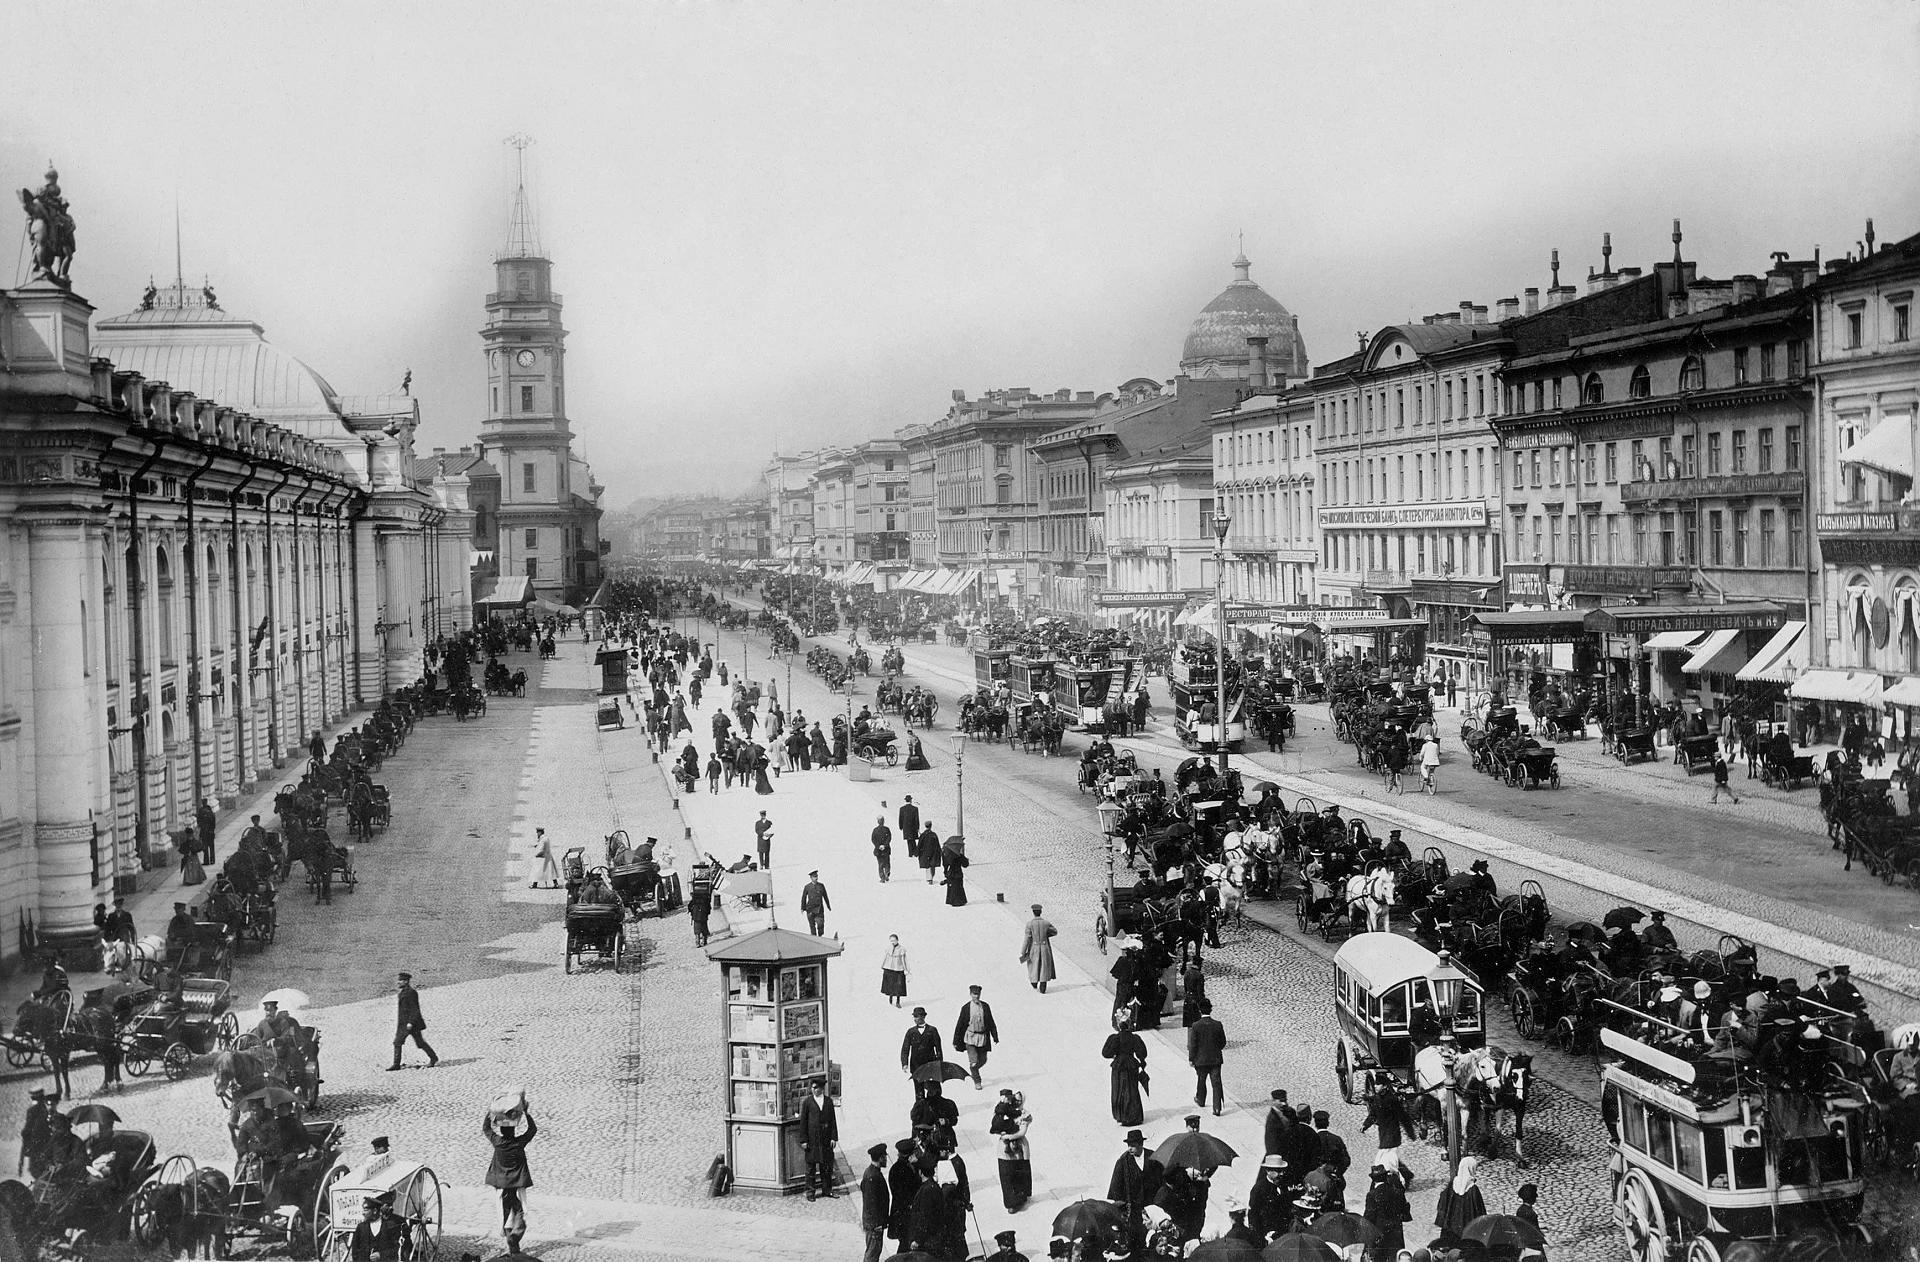 サンクトペテルブルク、19世紀後半